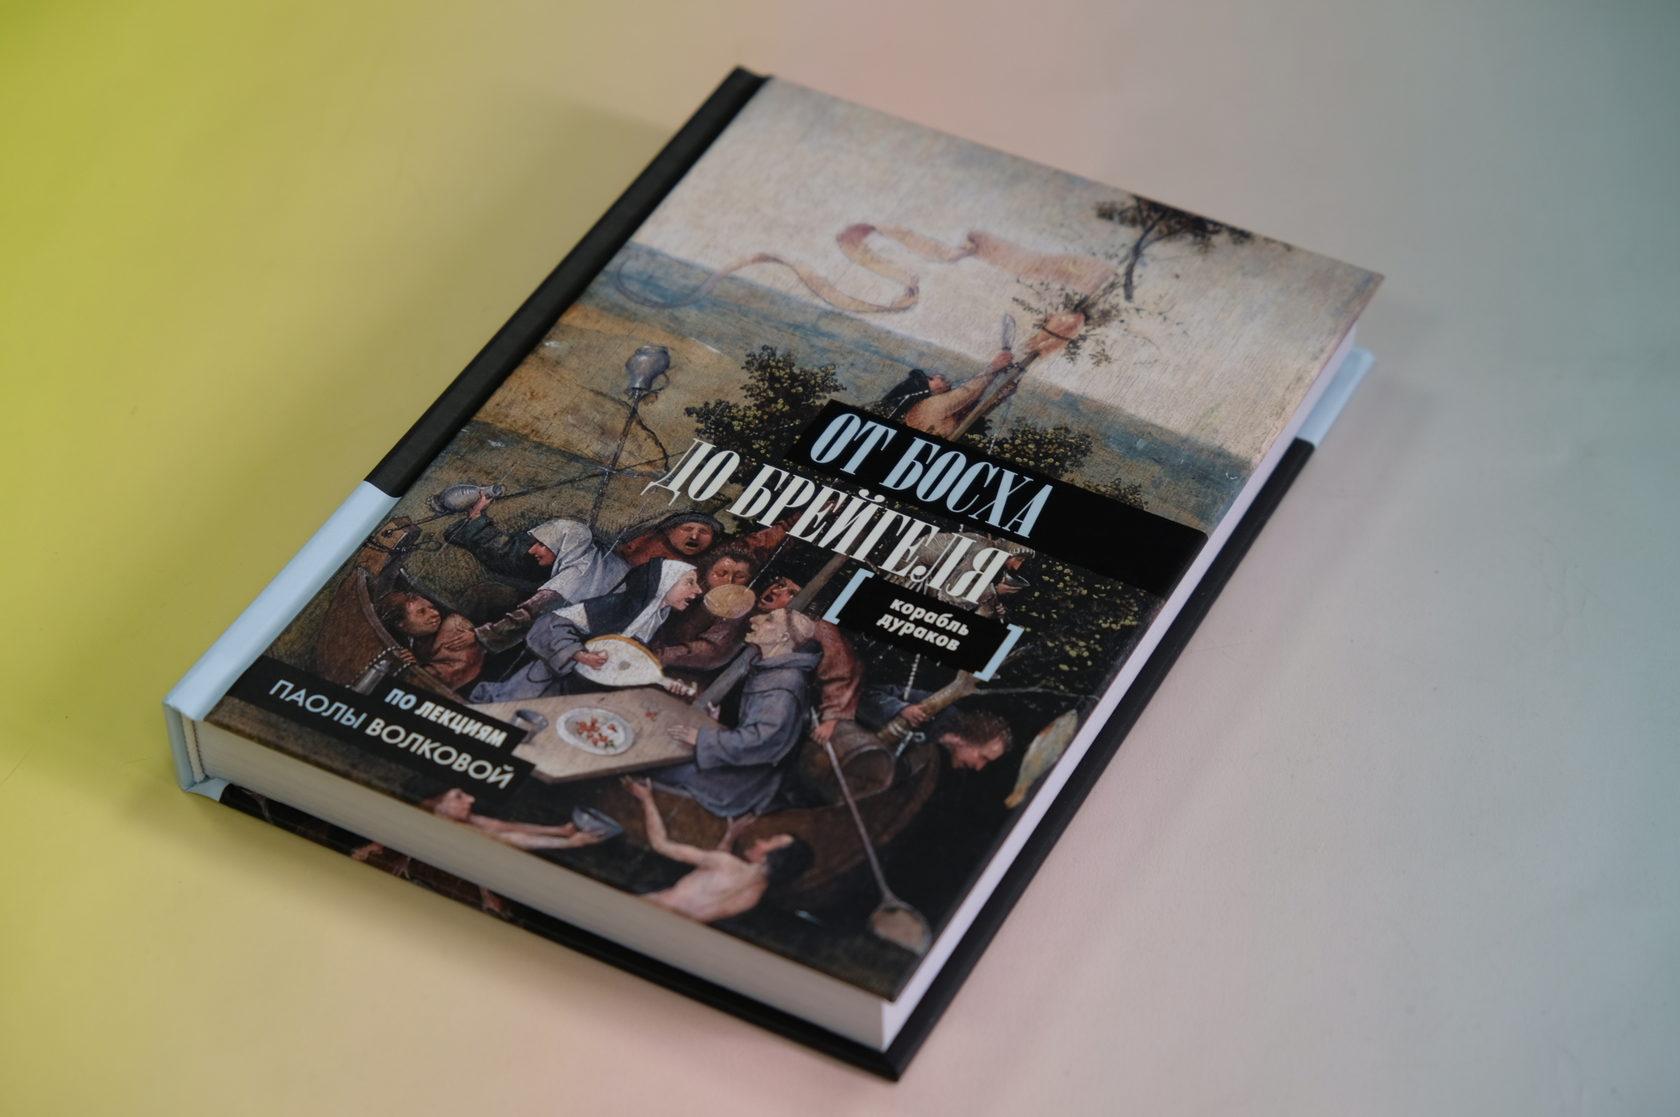 Купить книгу  Паола Волкова «От Босха до Брейгеля. Корабль дураков» 978-5-17-104599-9